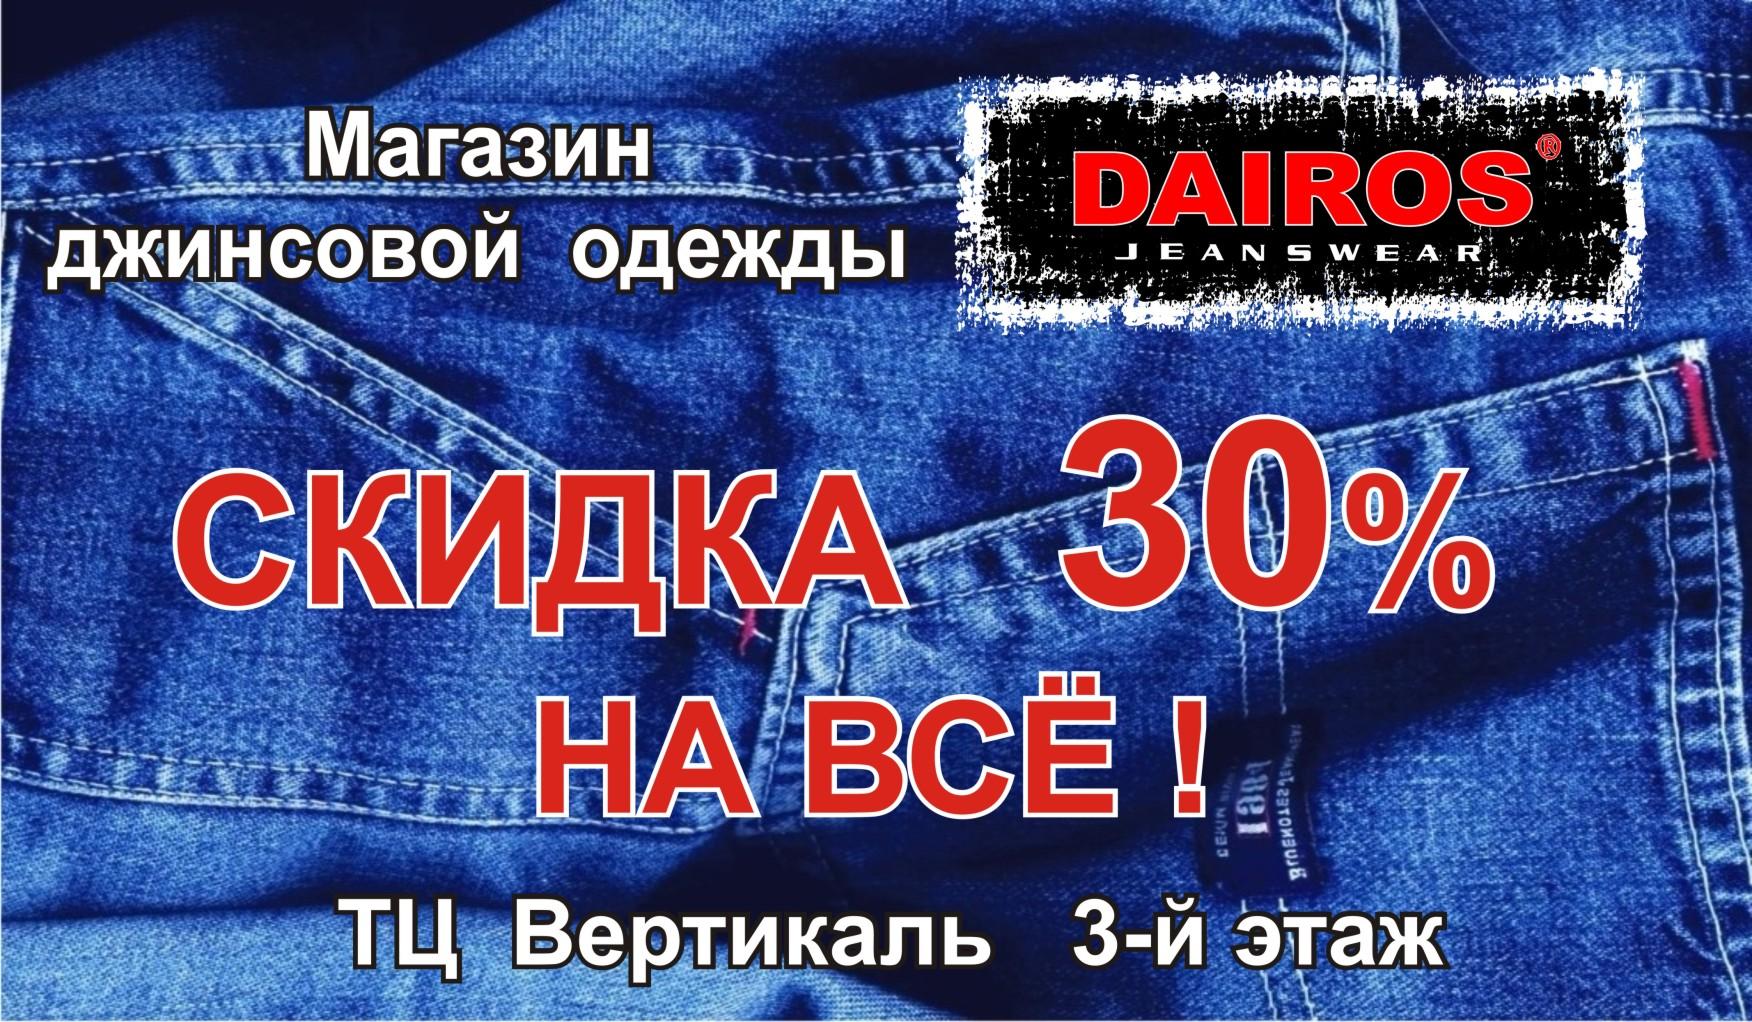 DAIROS jeanswear в Торговом центре